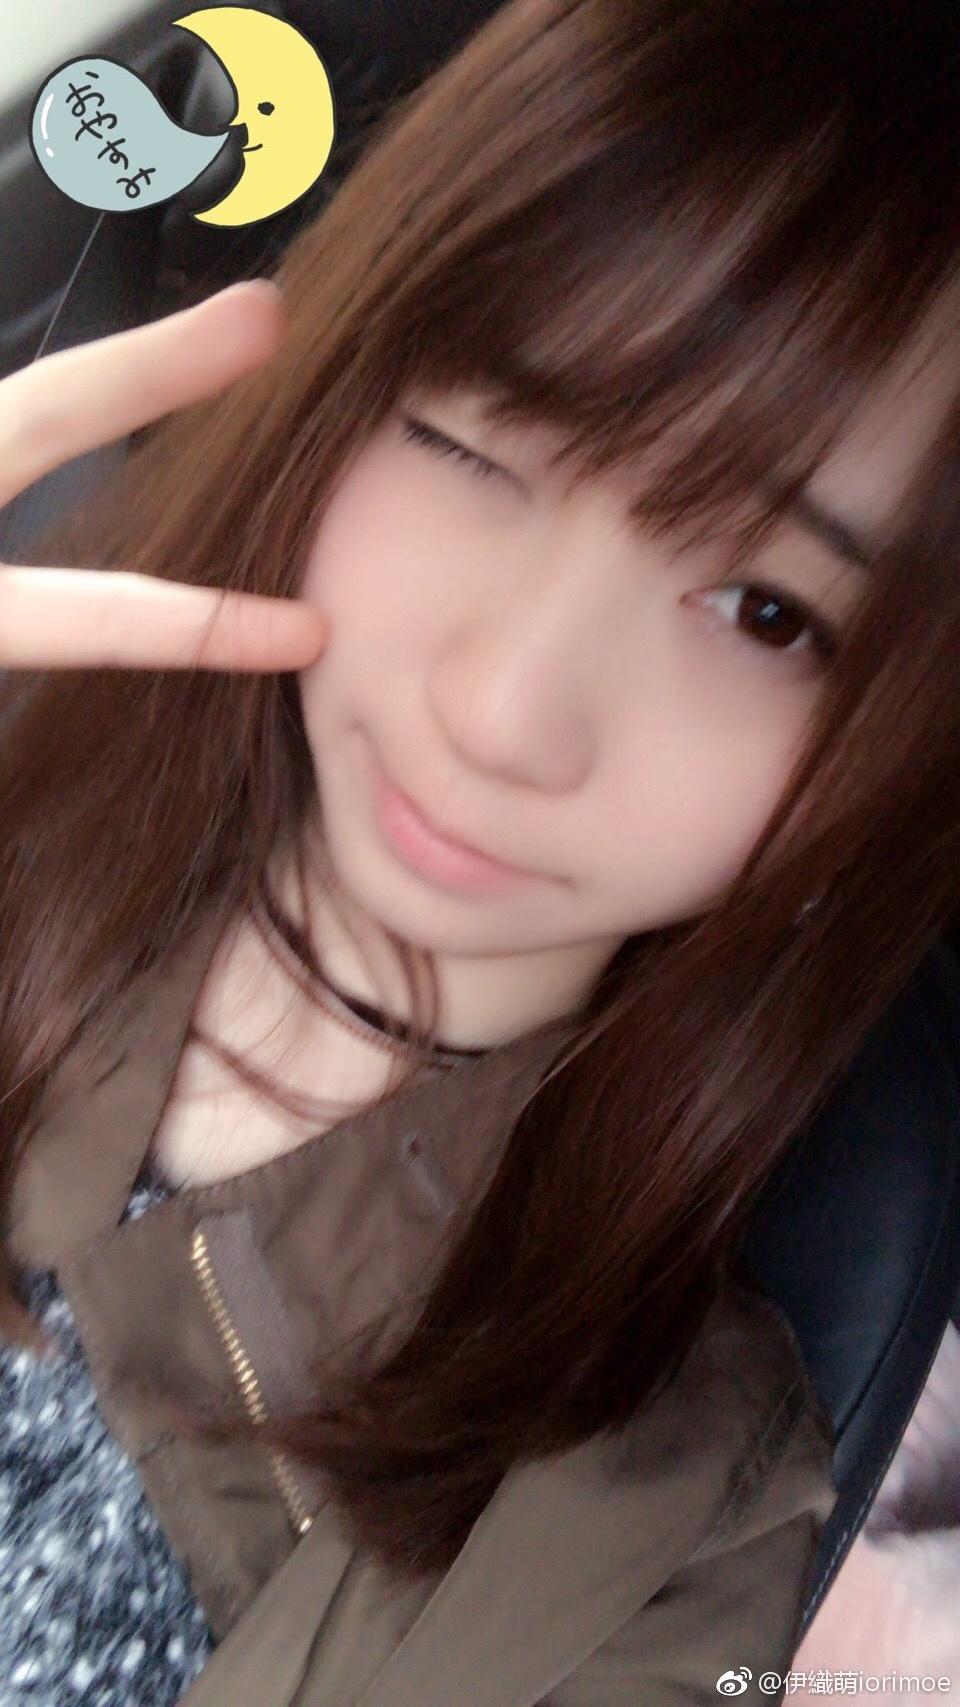 伊織萌iorimoe要睡觉了![喵喵]大家晚安!♡上周感_美女福利图片(图1)